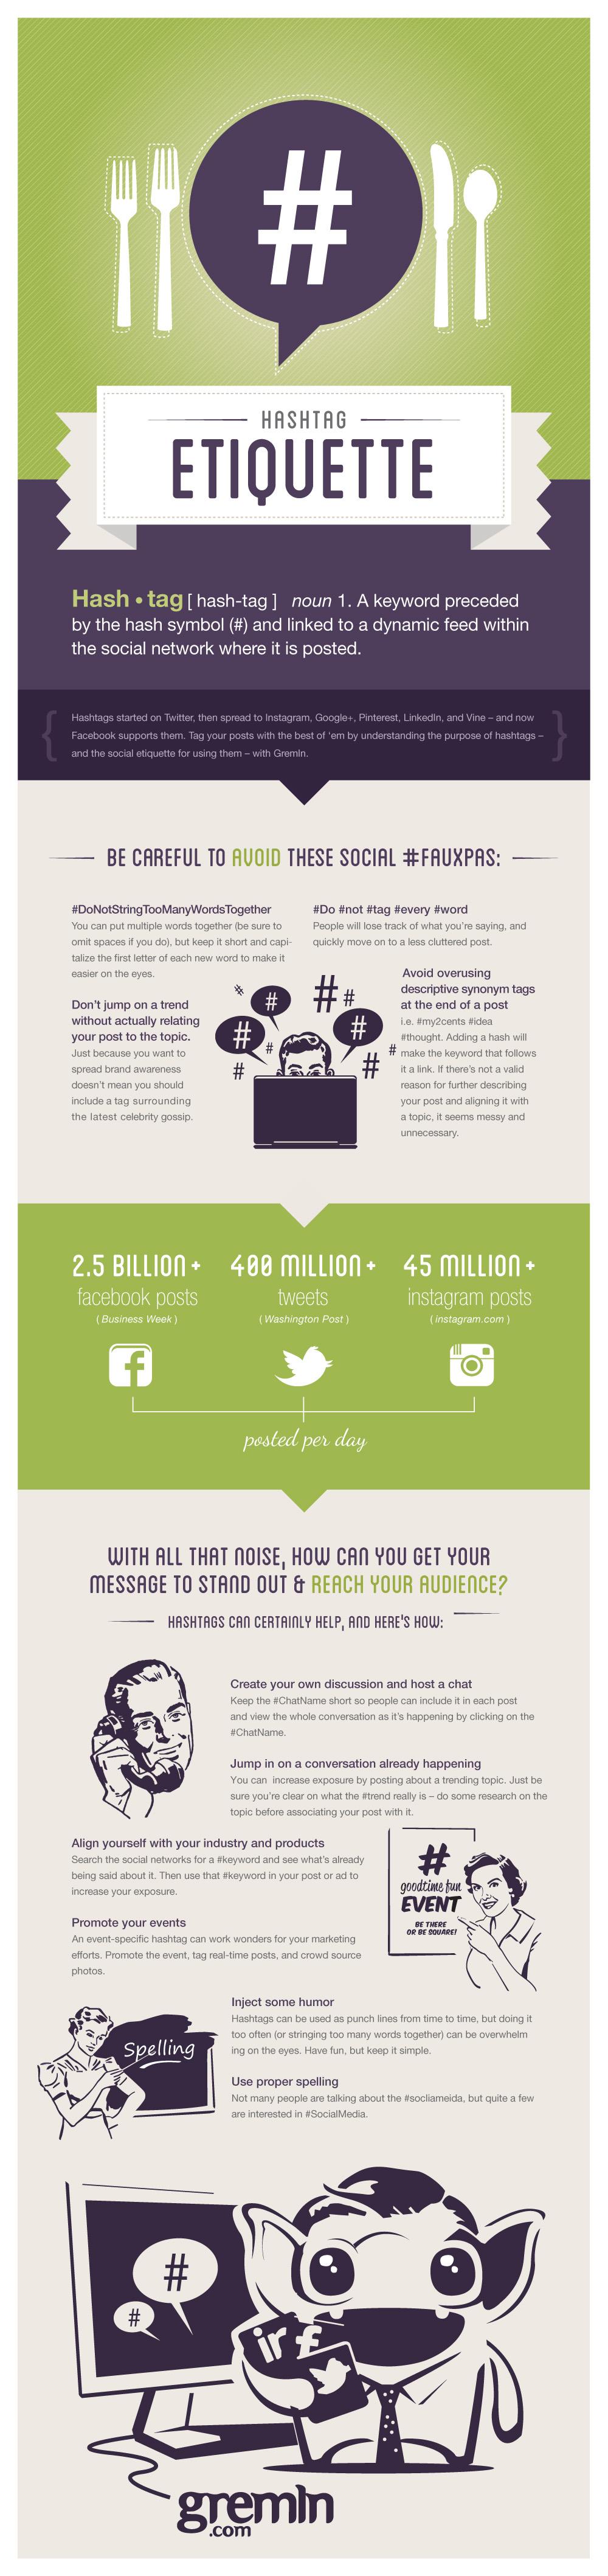 hashtag etiquette infographic